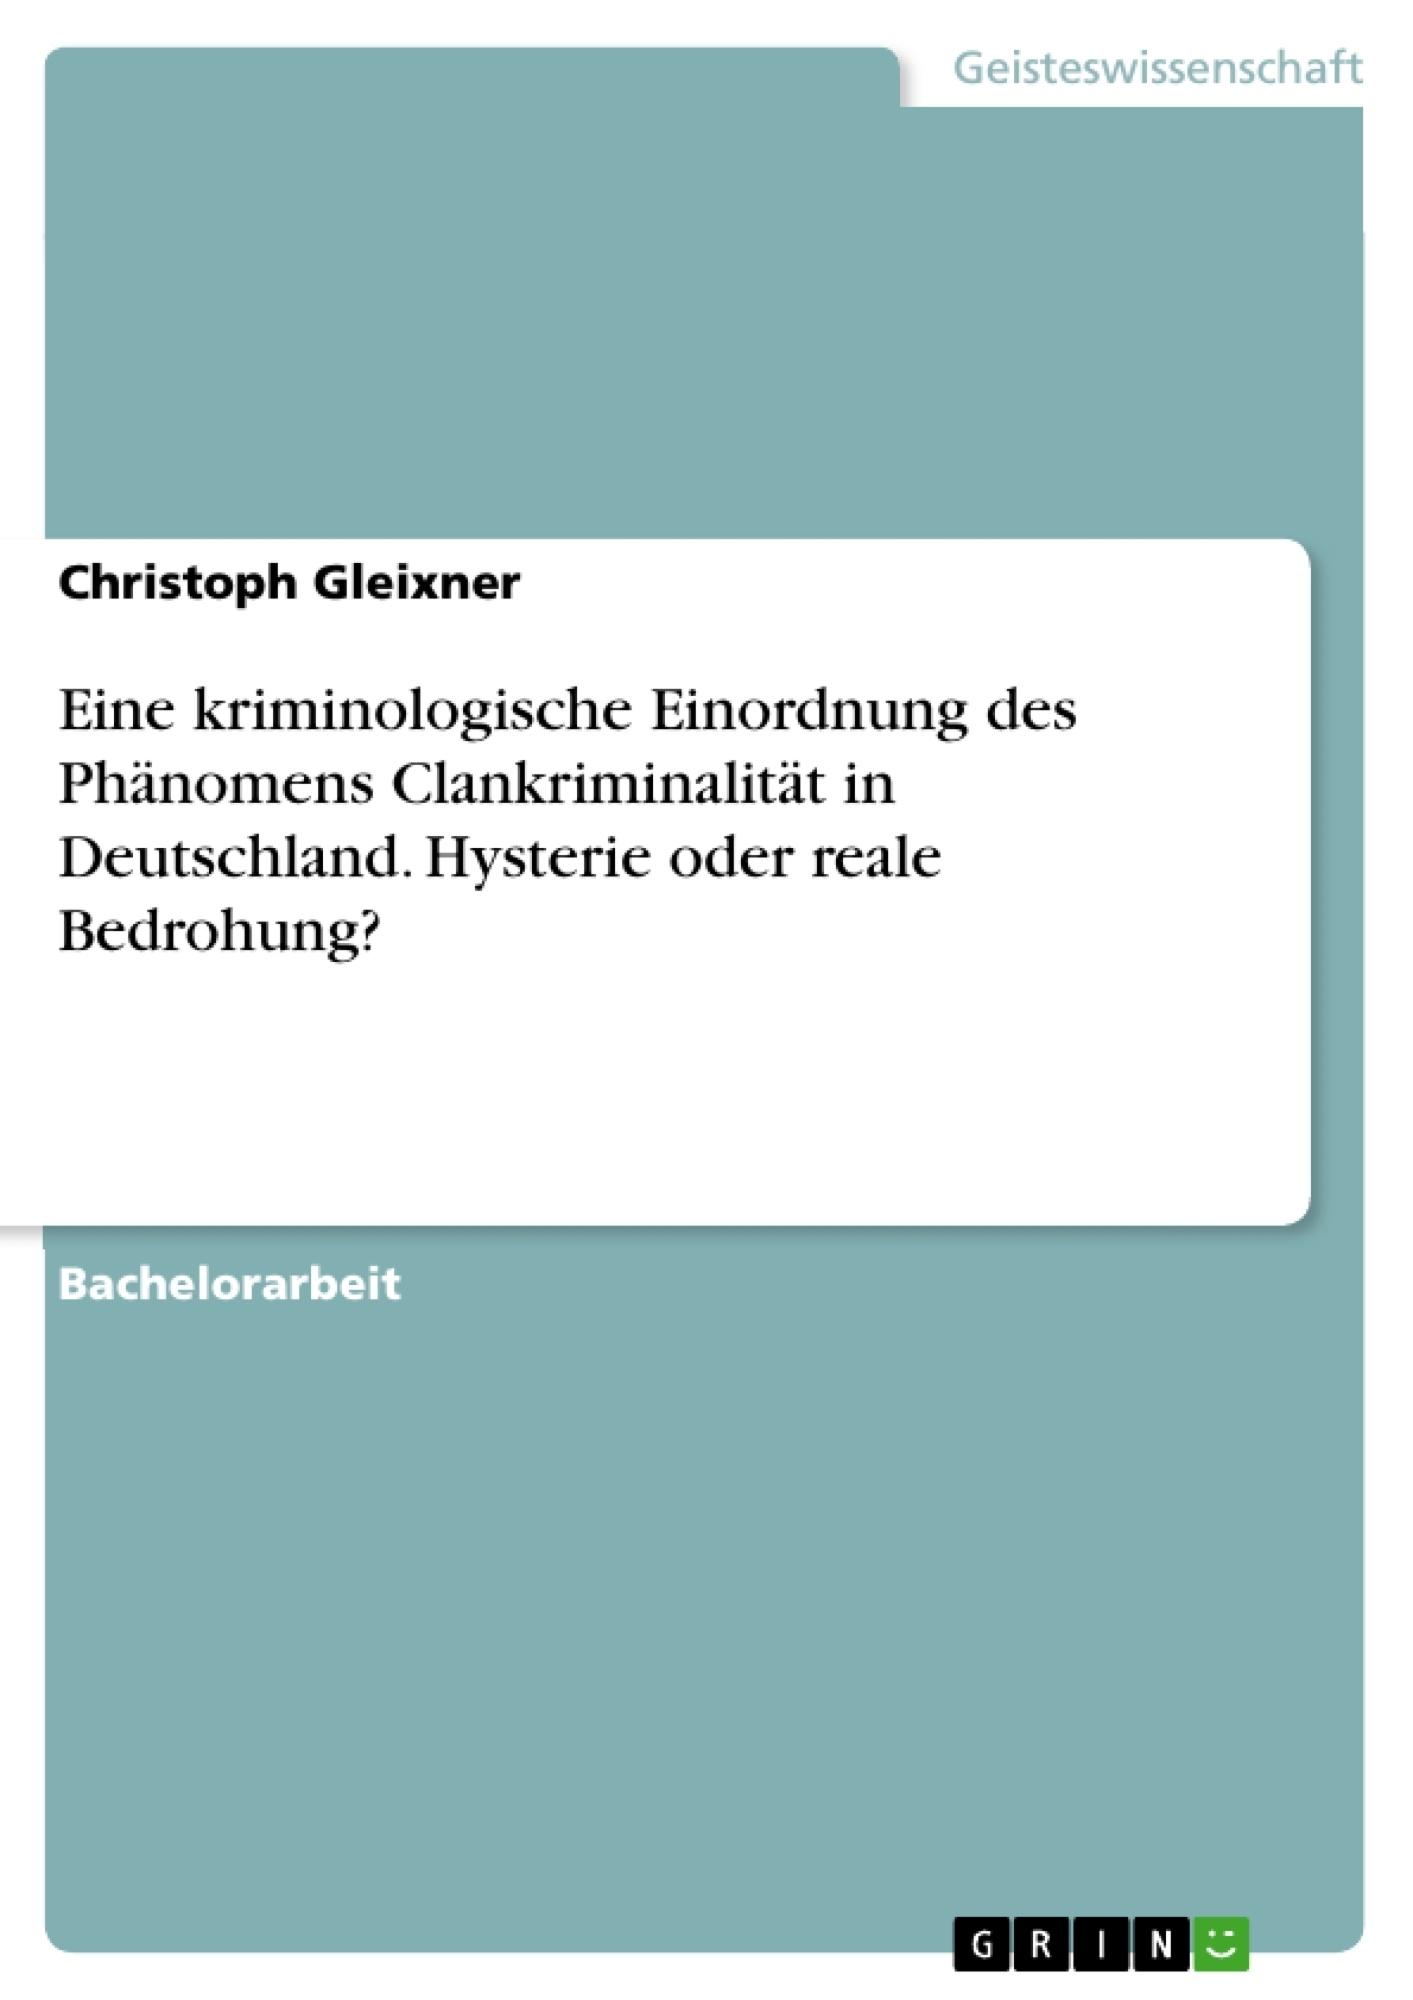 Titel: Eine kriminologische Einordnung des Phänomens Clankriminalität in Deutschland. Hysterie oder reale Bedrohung?